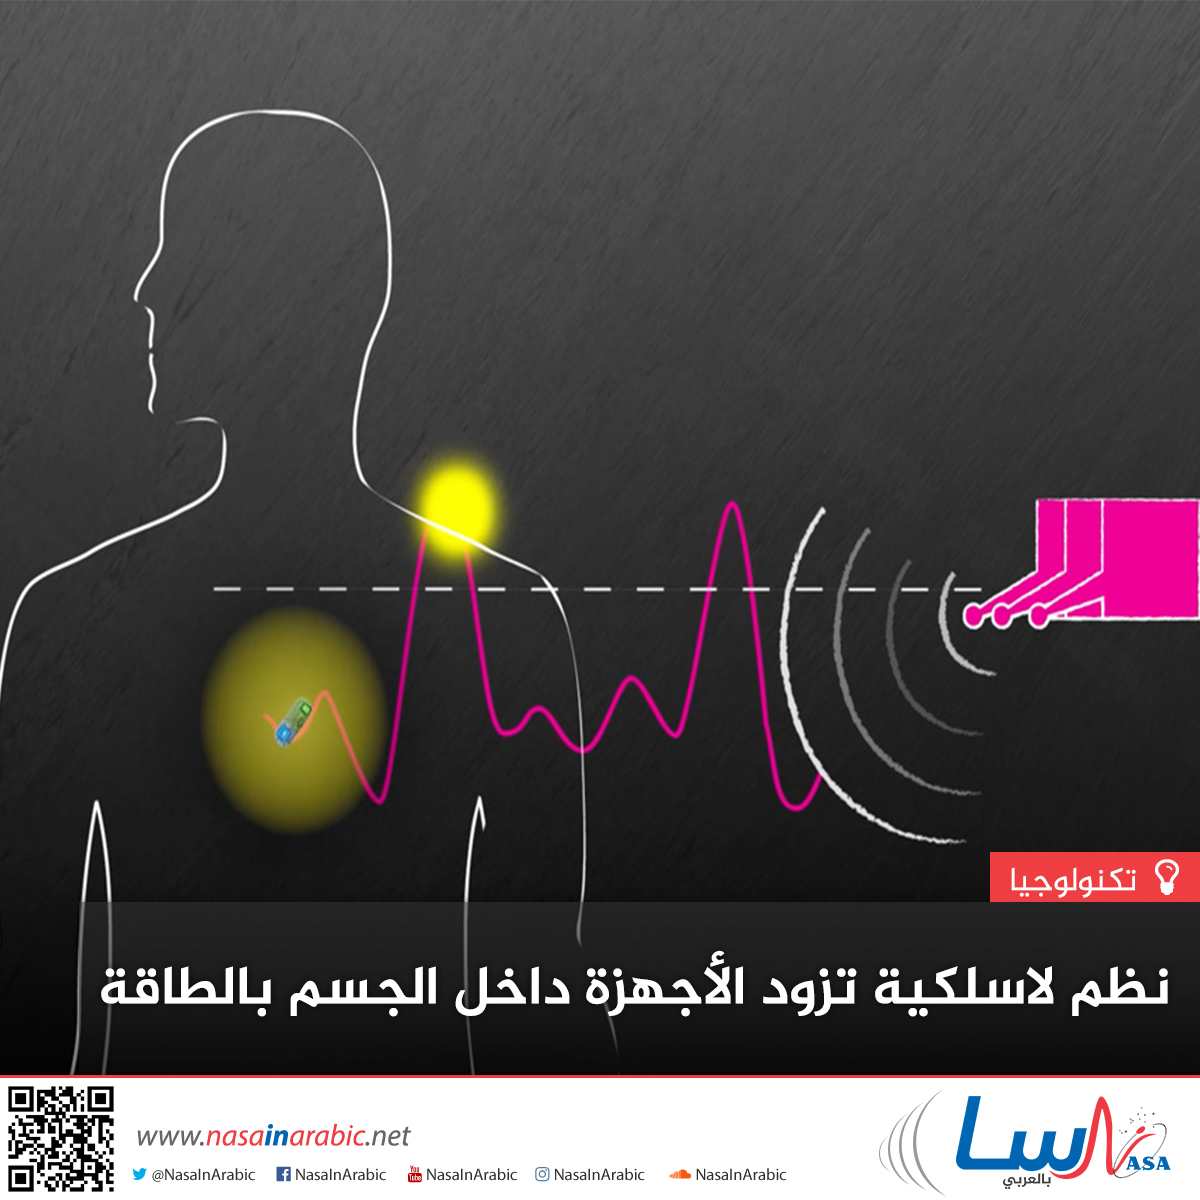 نظم لاسلكية تزود الأجهزة داخل الجسم بالطاقة